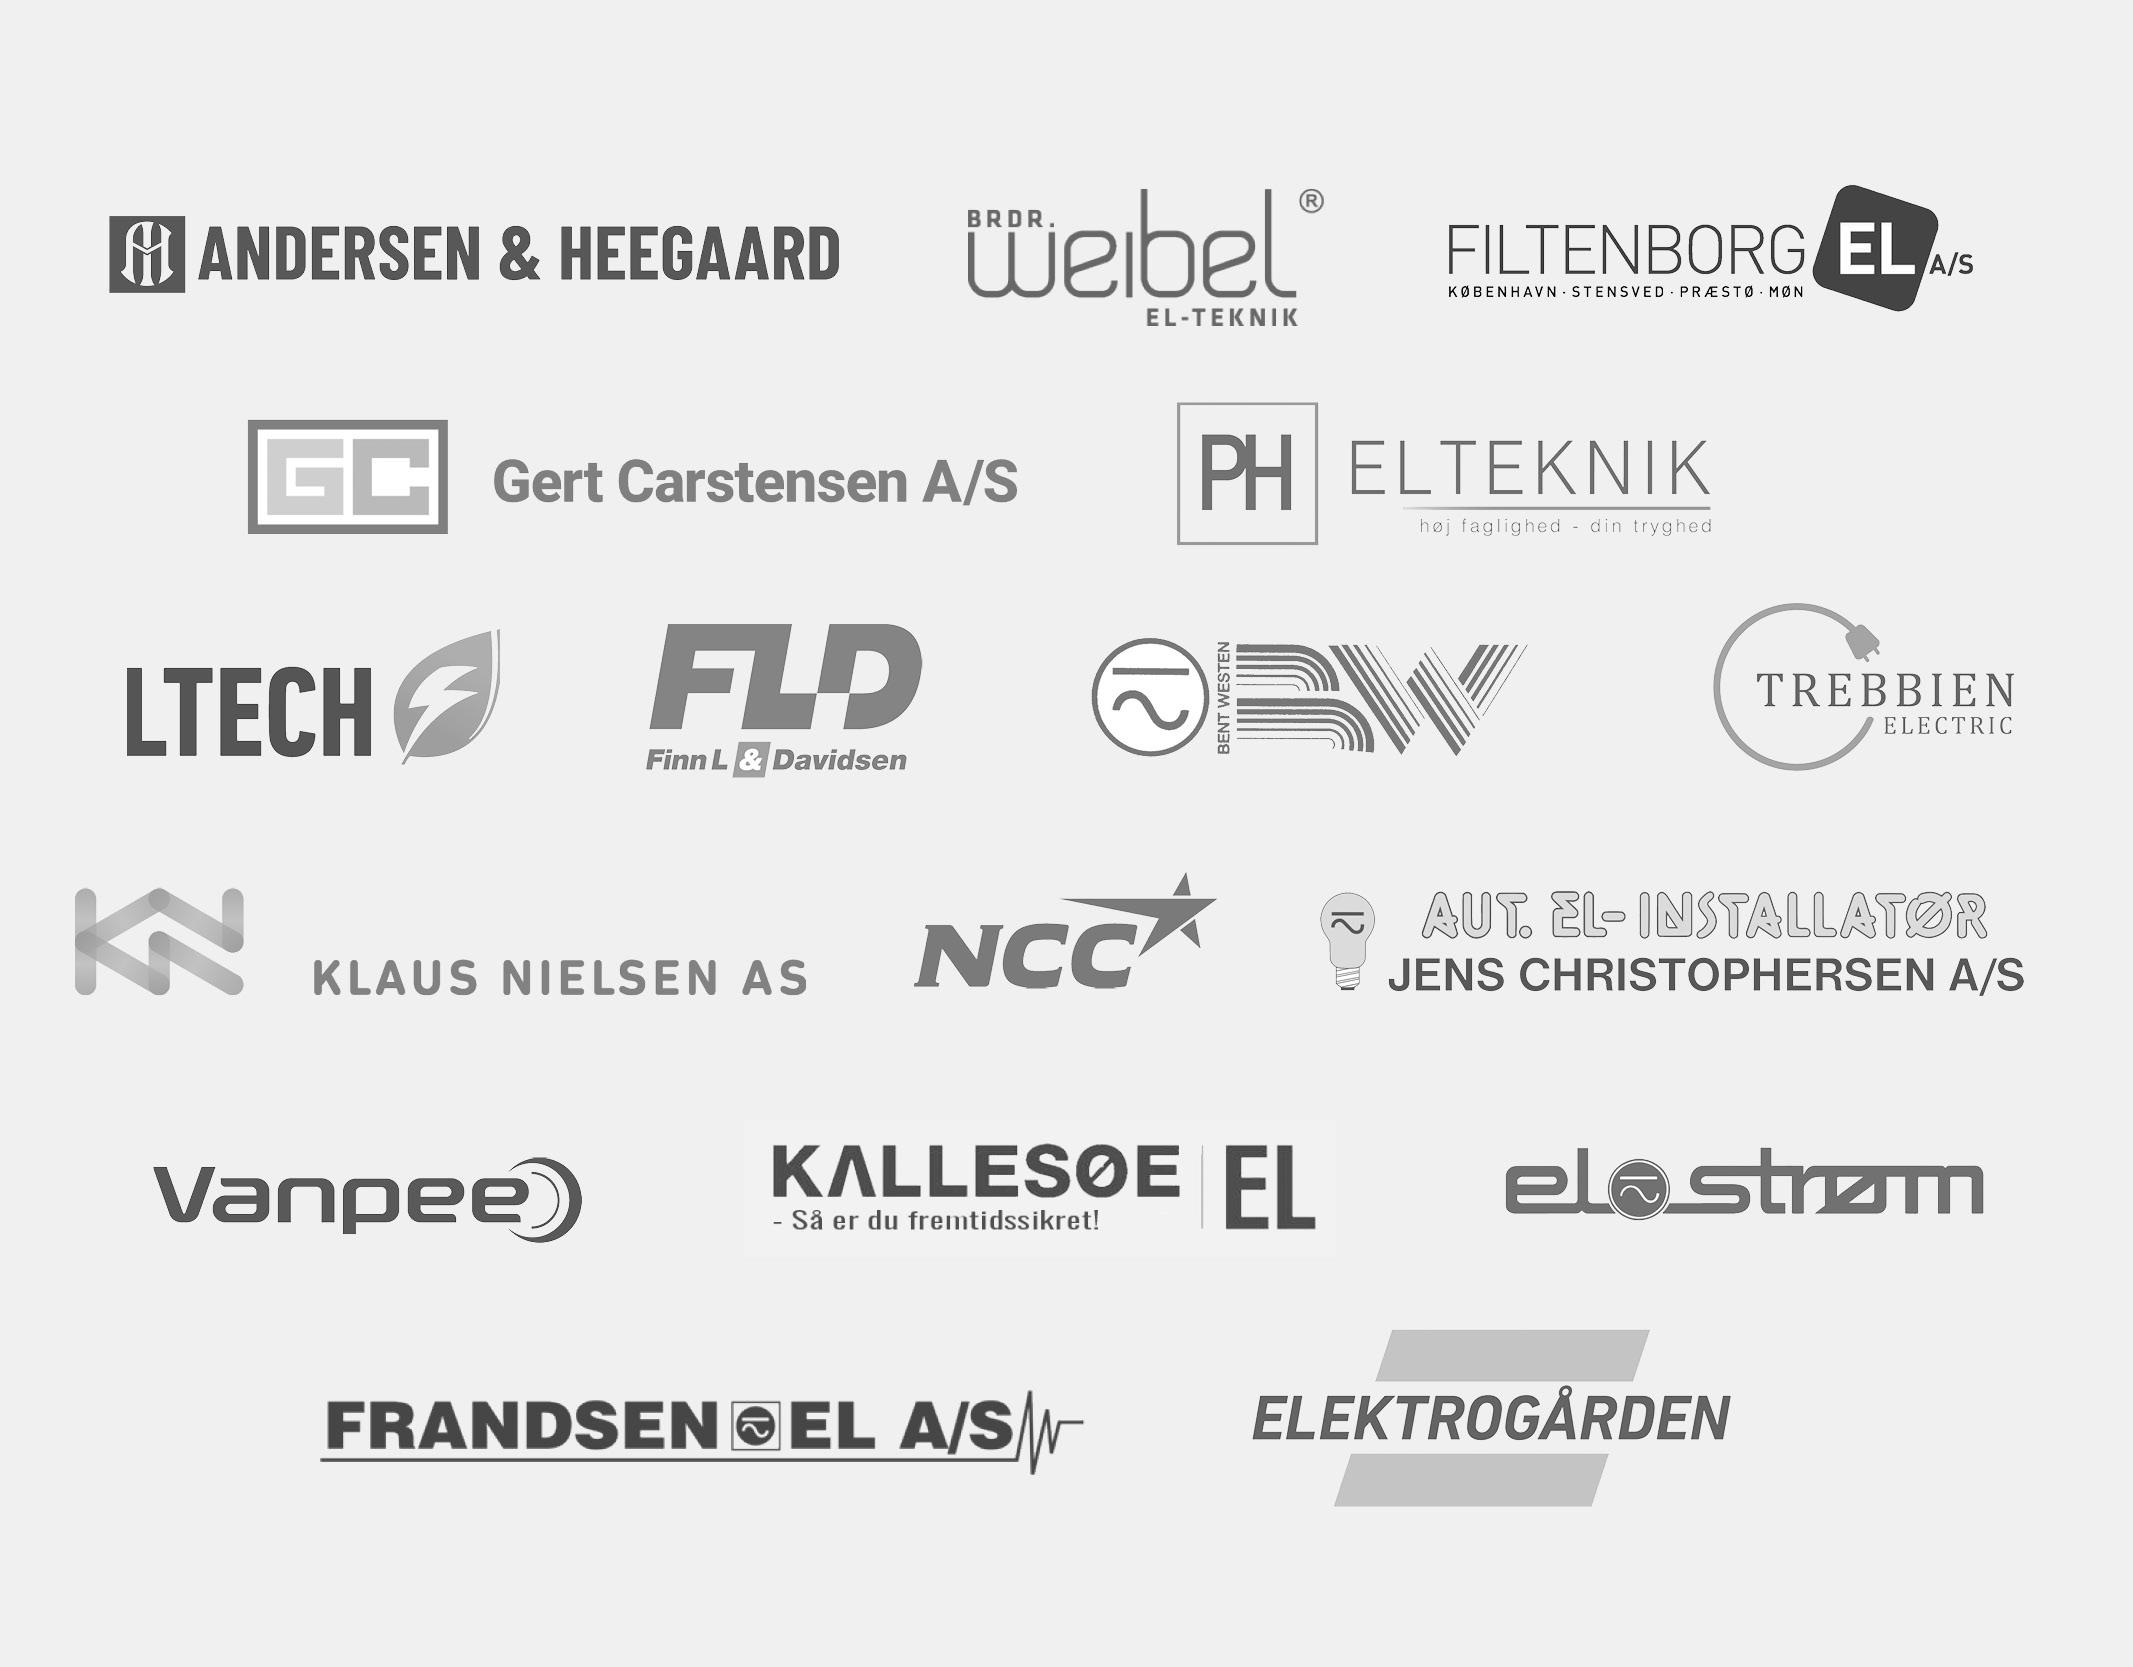 Vi bruger også Elraad.dk